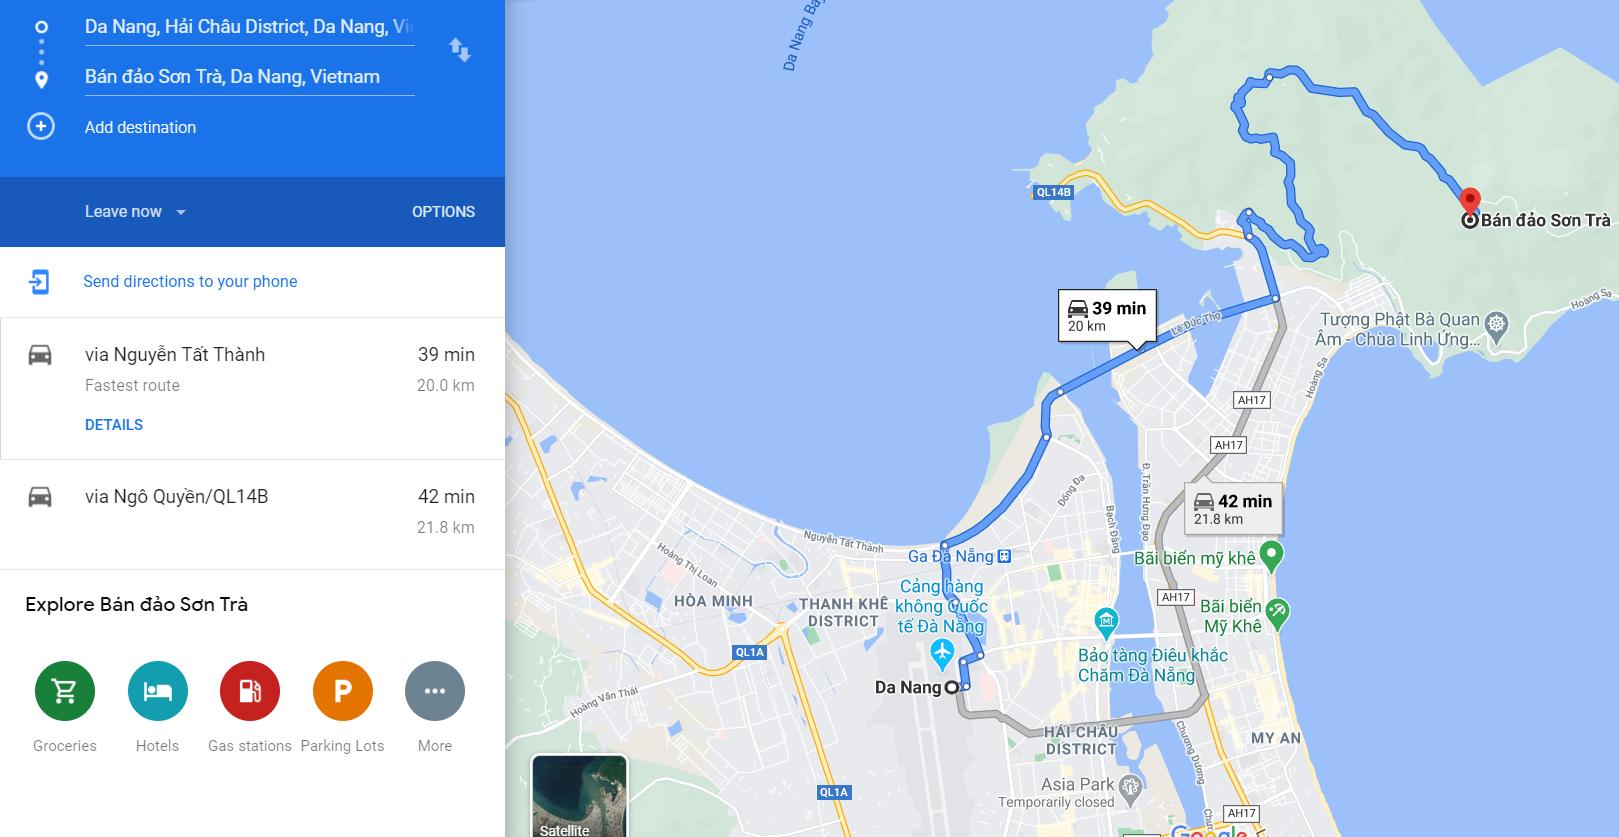 Cách di chuyển đến bán đảo Sơn Trà